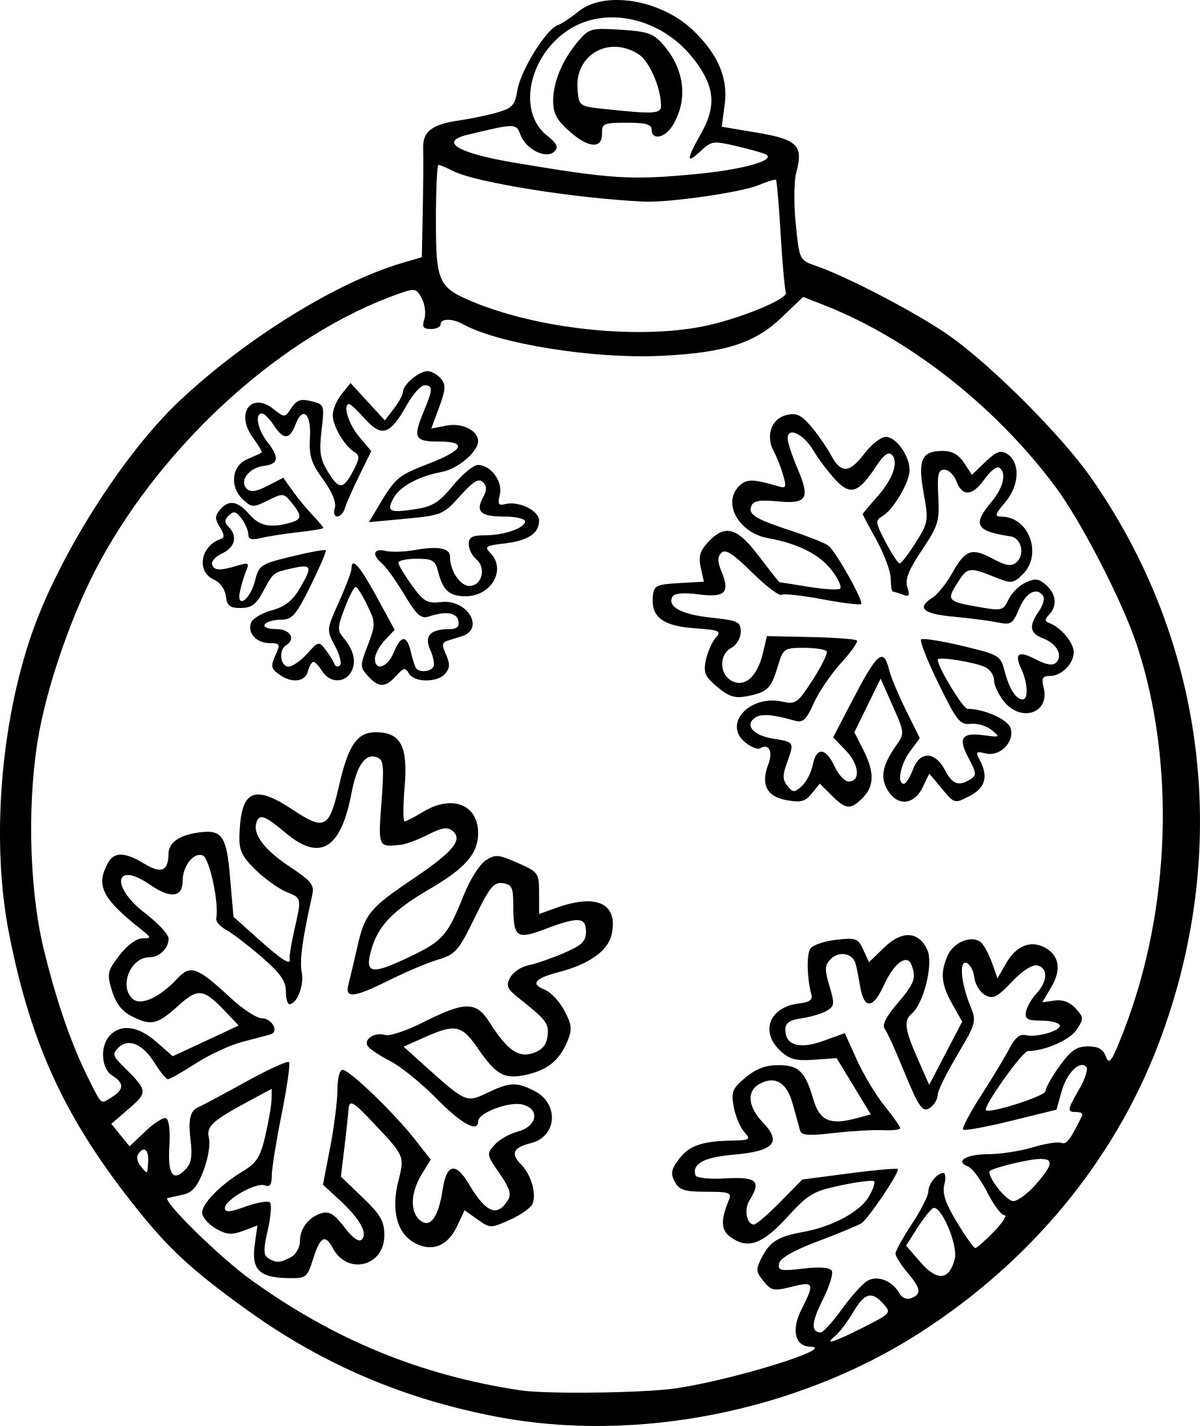 диваны картинка игрушка на елку черно белая дом бутылок